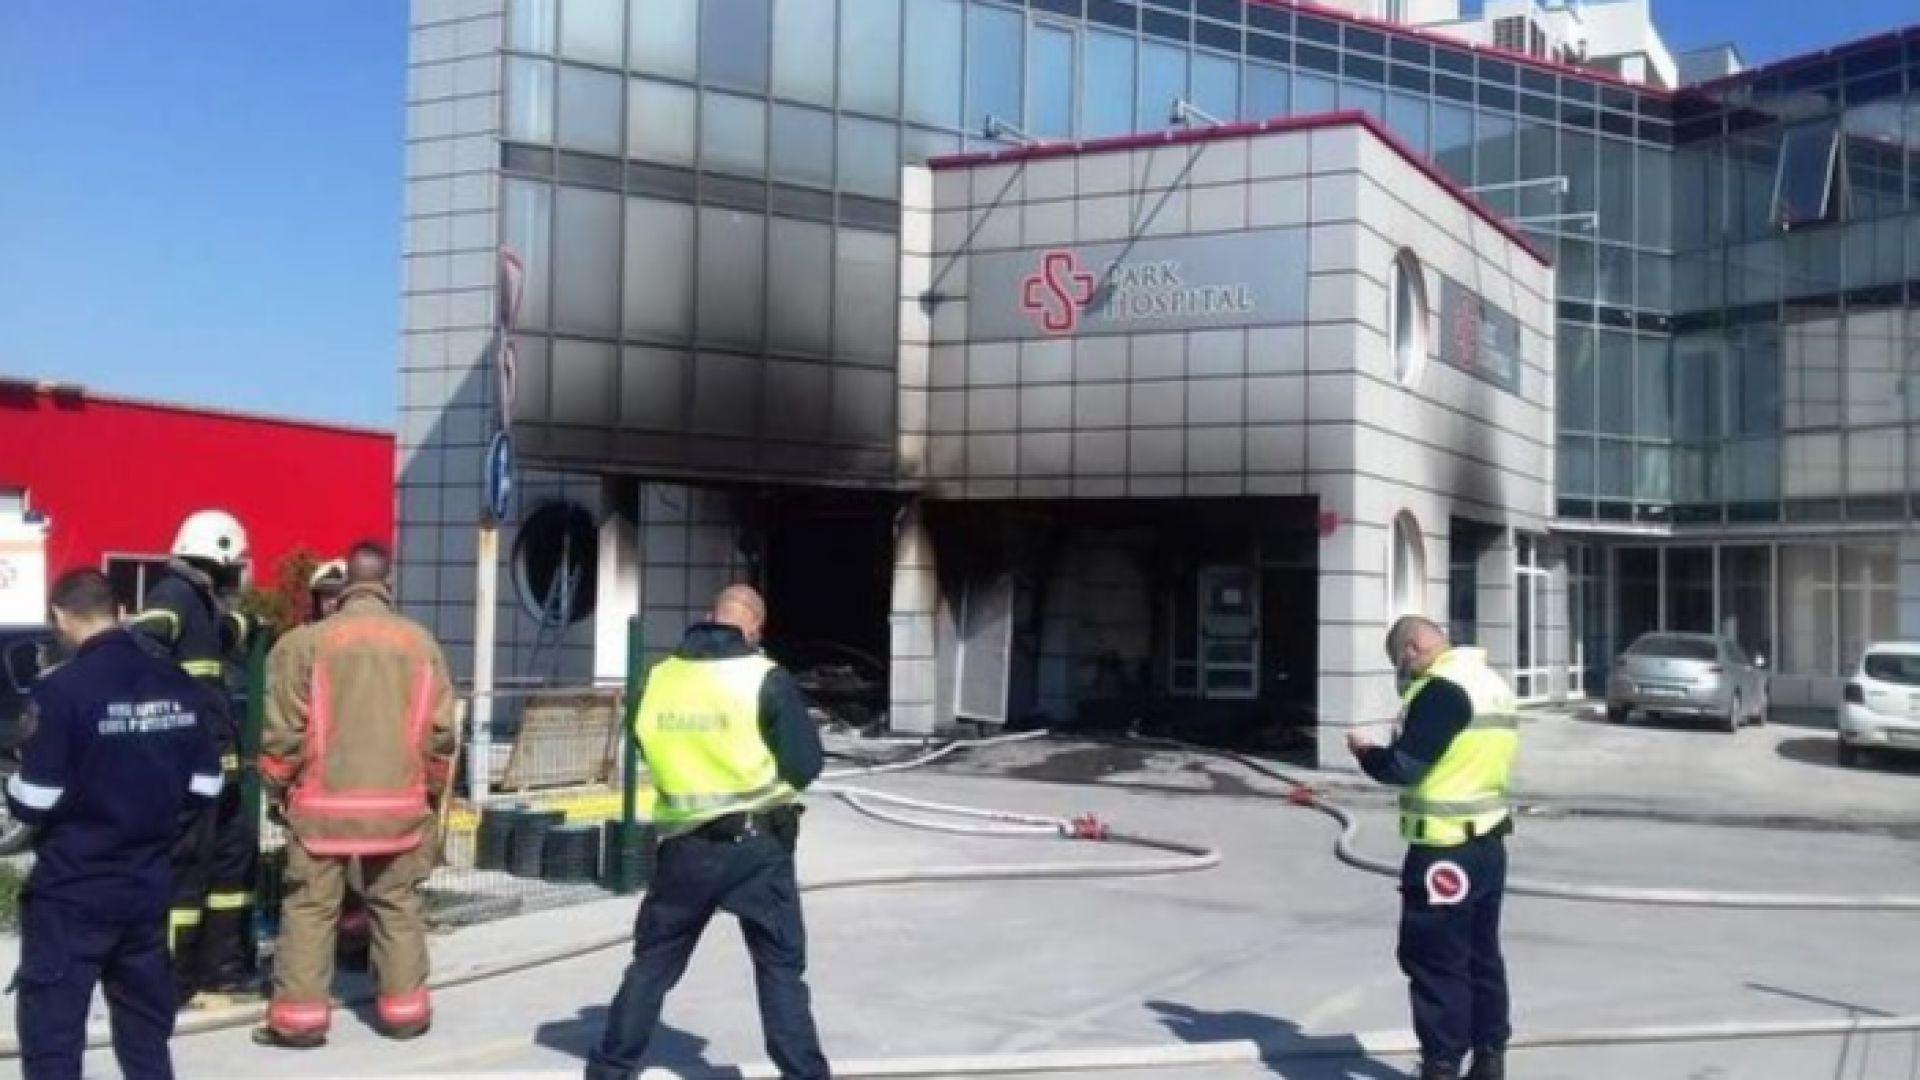 Приземни помещения горяха в болница Парк Хоспитал на Кукленско шосе